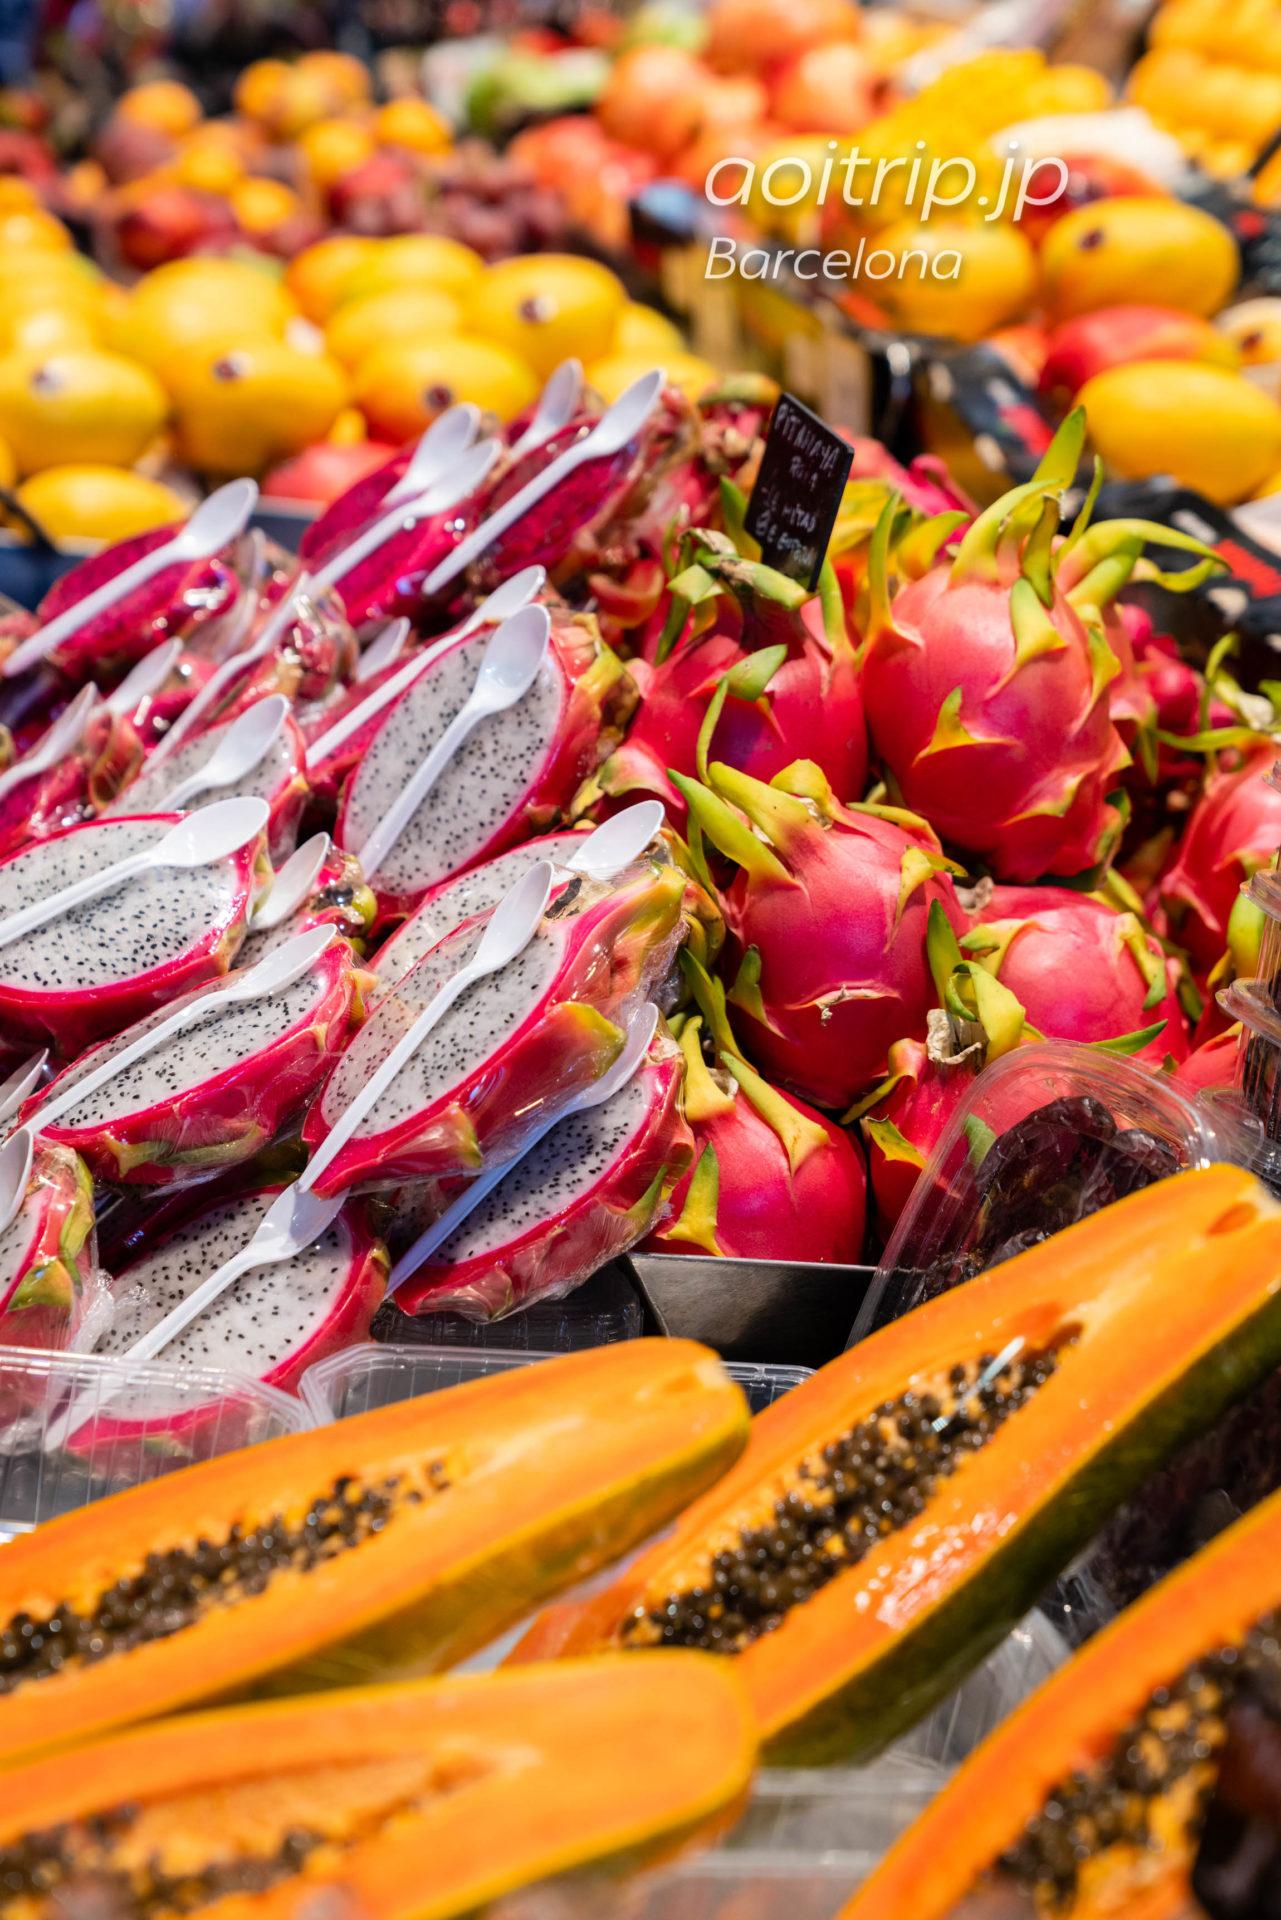 ボケリア市場(La Boqueria)フルーツ